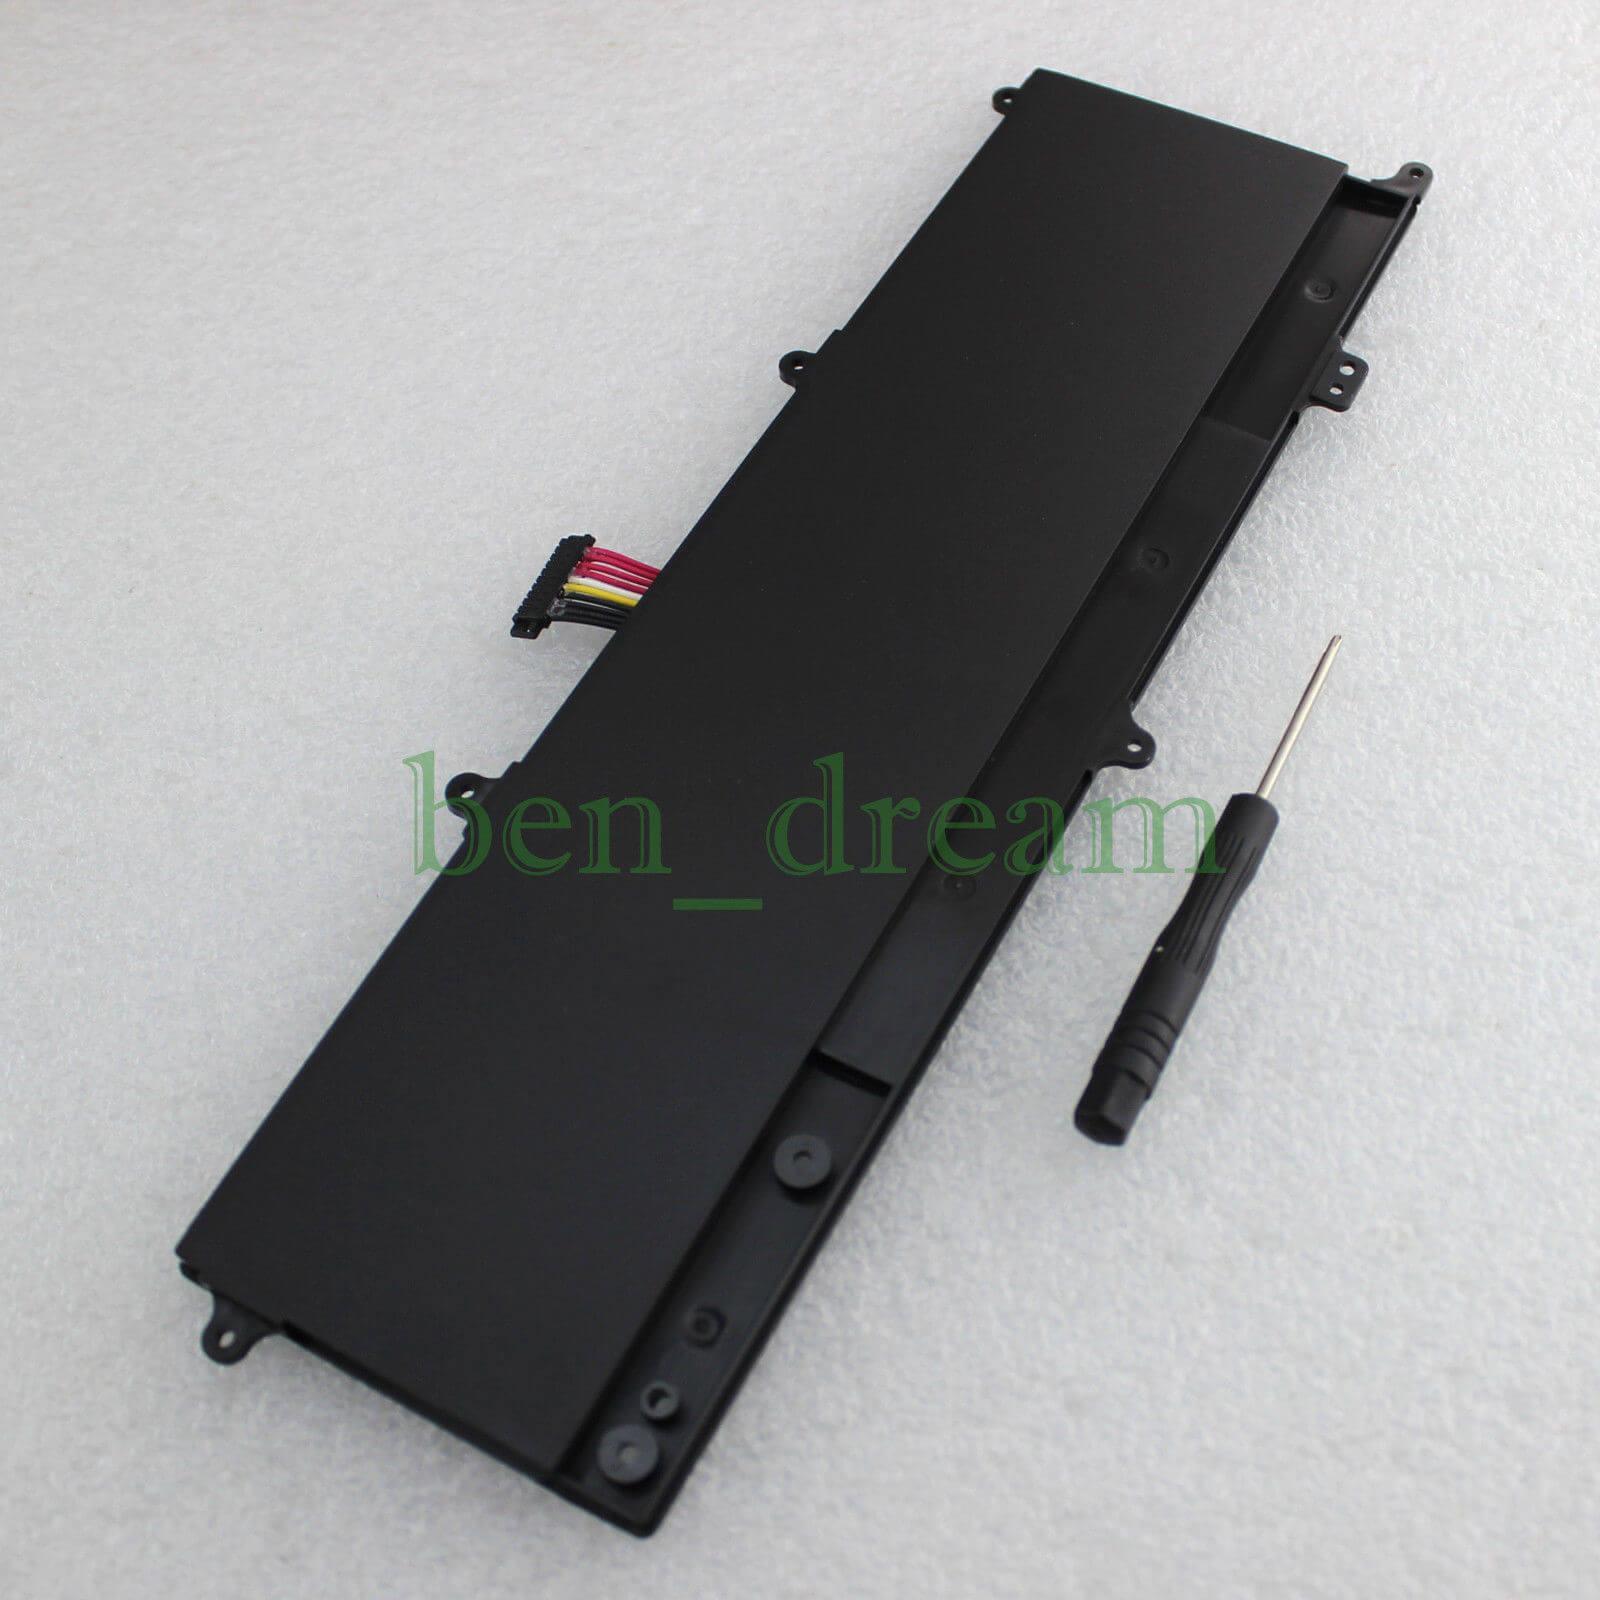 Pin dùng cho laptop asus X201